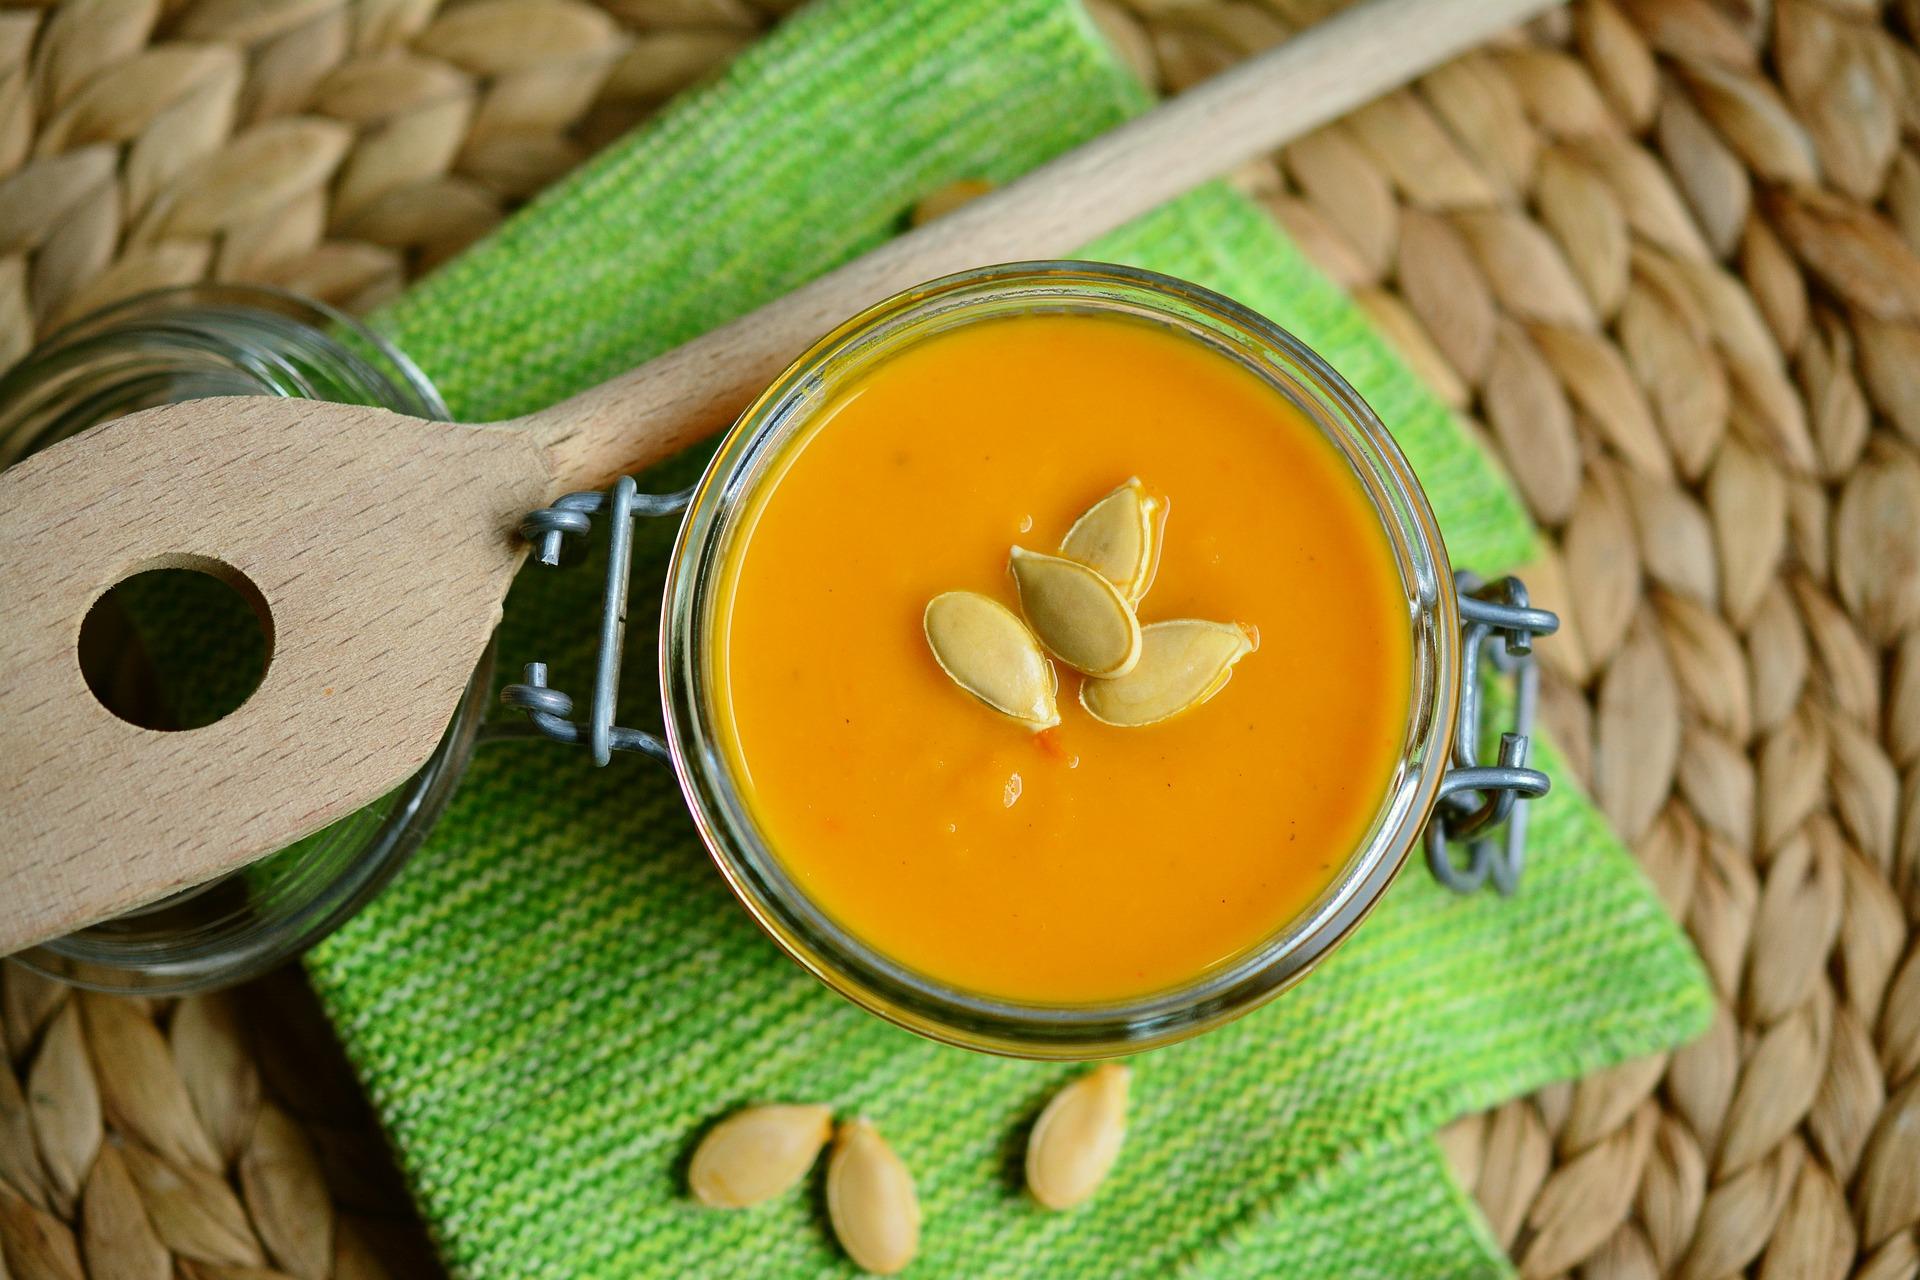 pumpkin-soup-2972858_1920